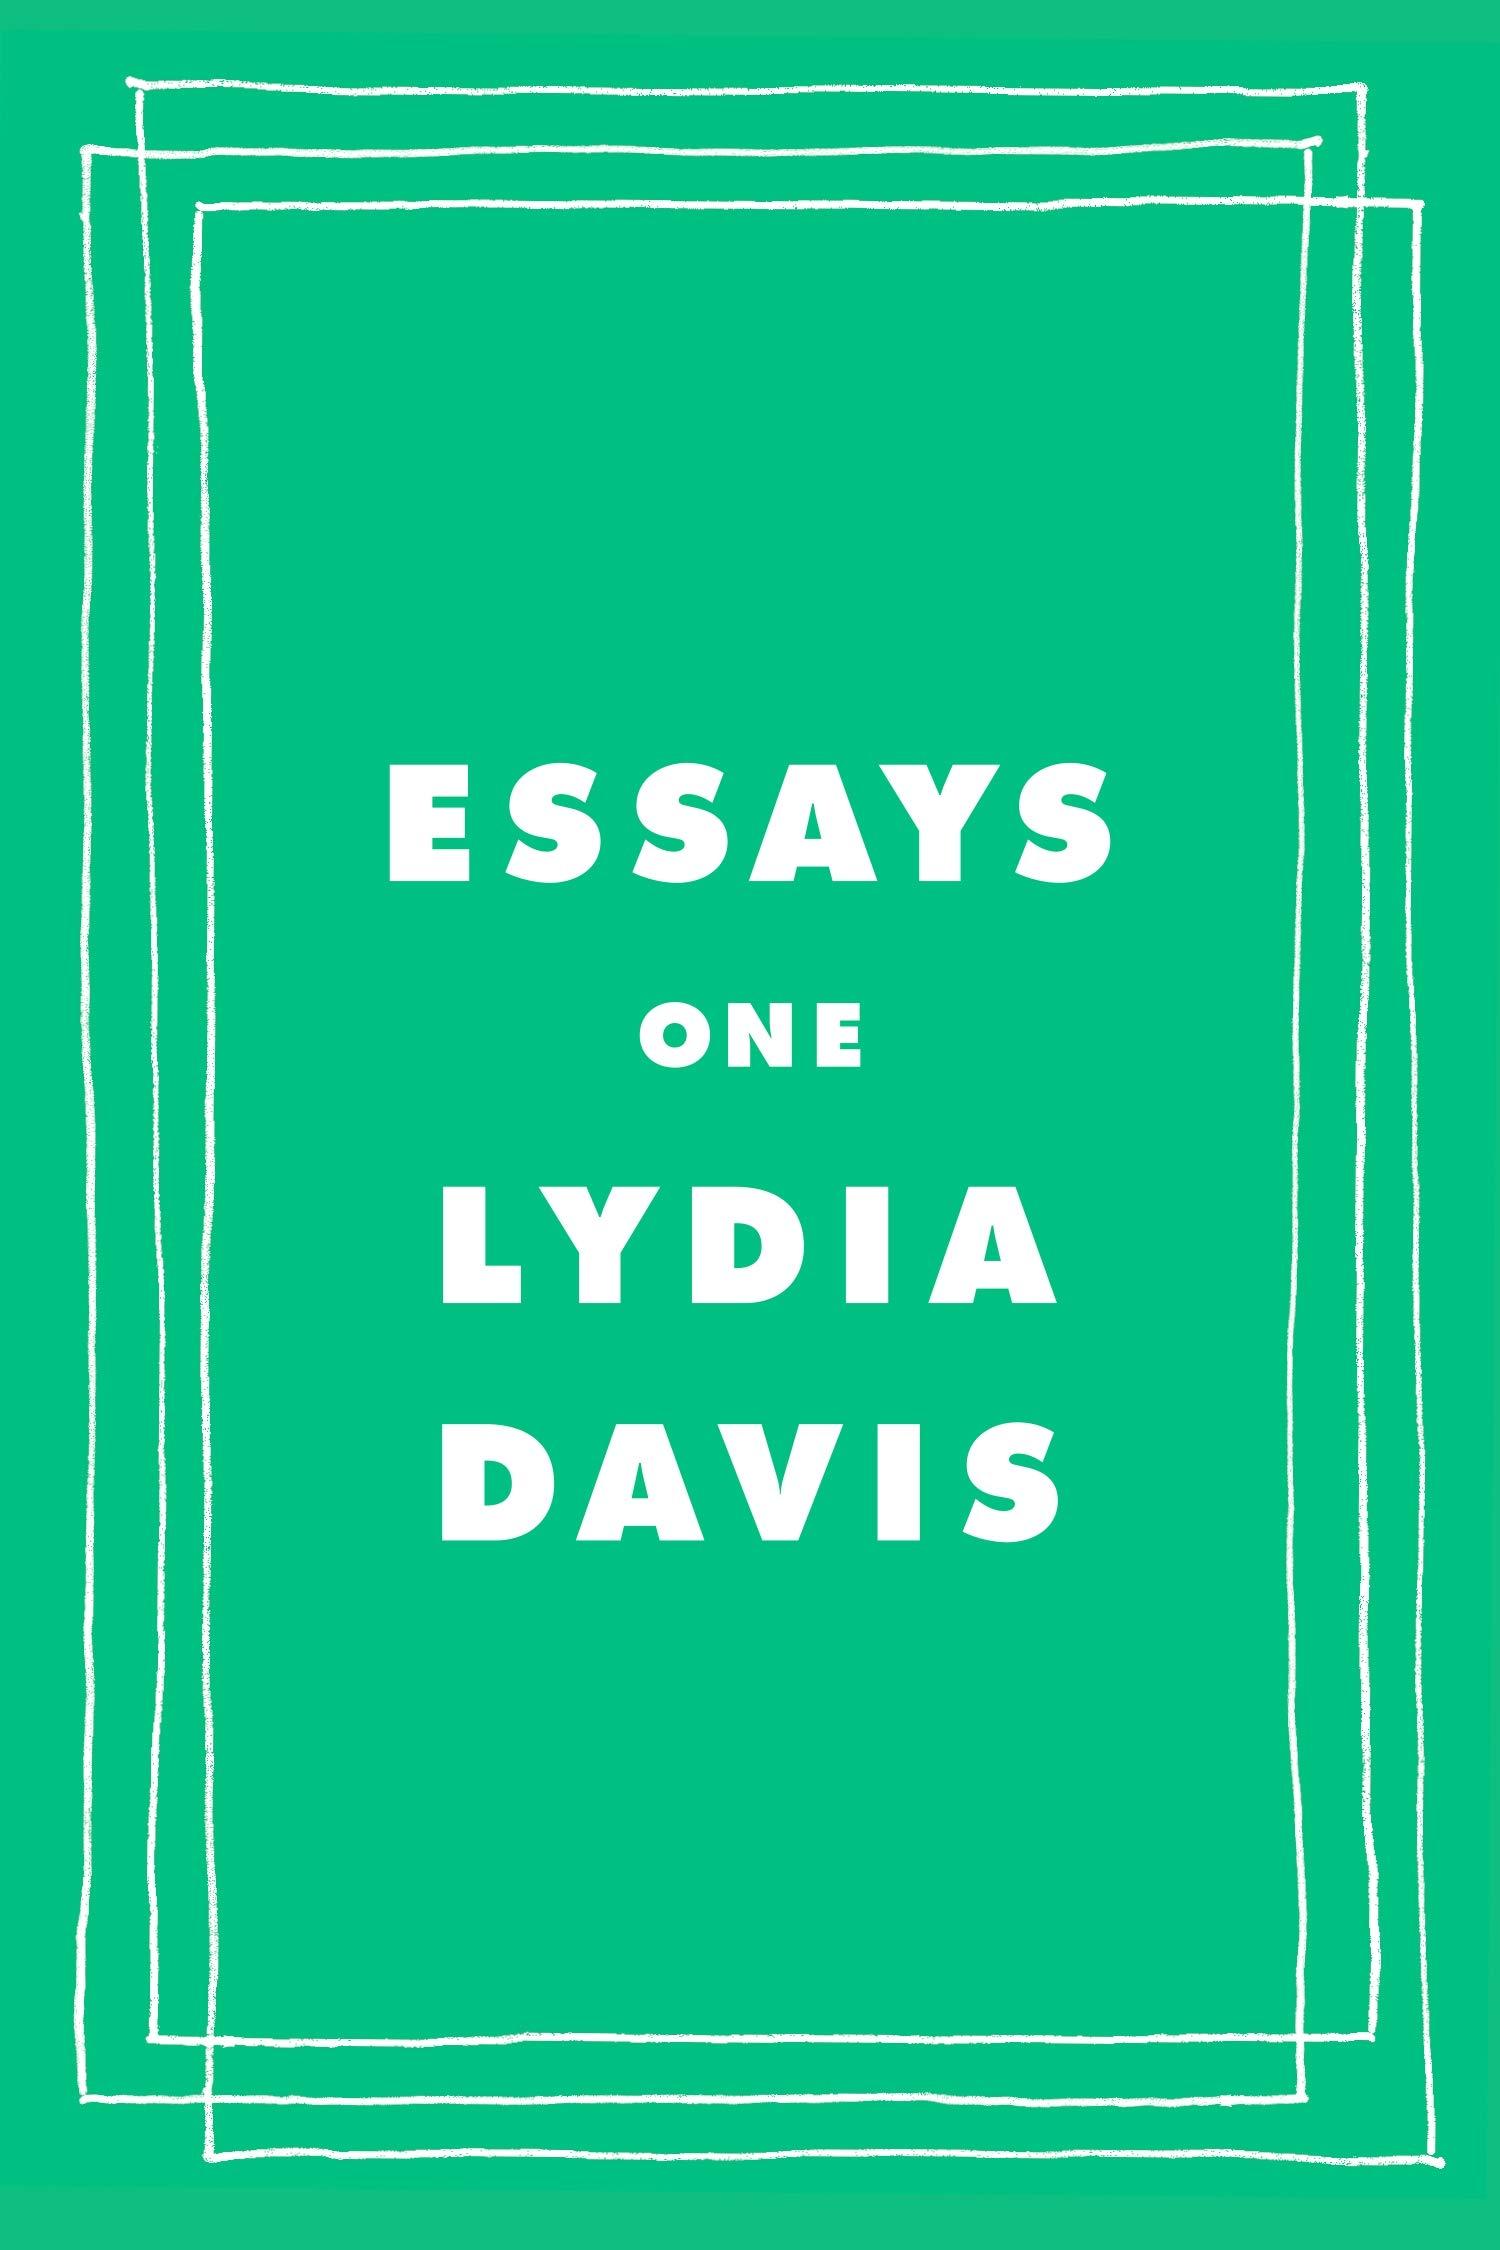 Essays One by Lydia Davis (Farrar, Straus and Giroux)